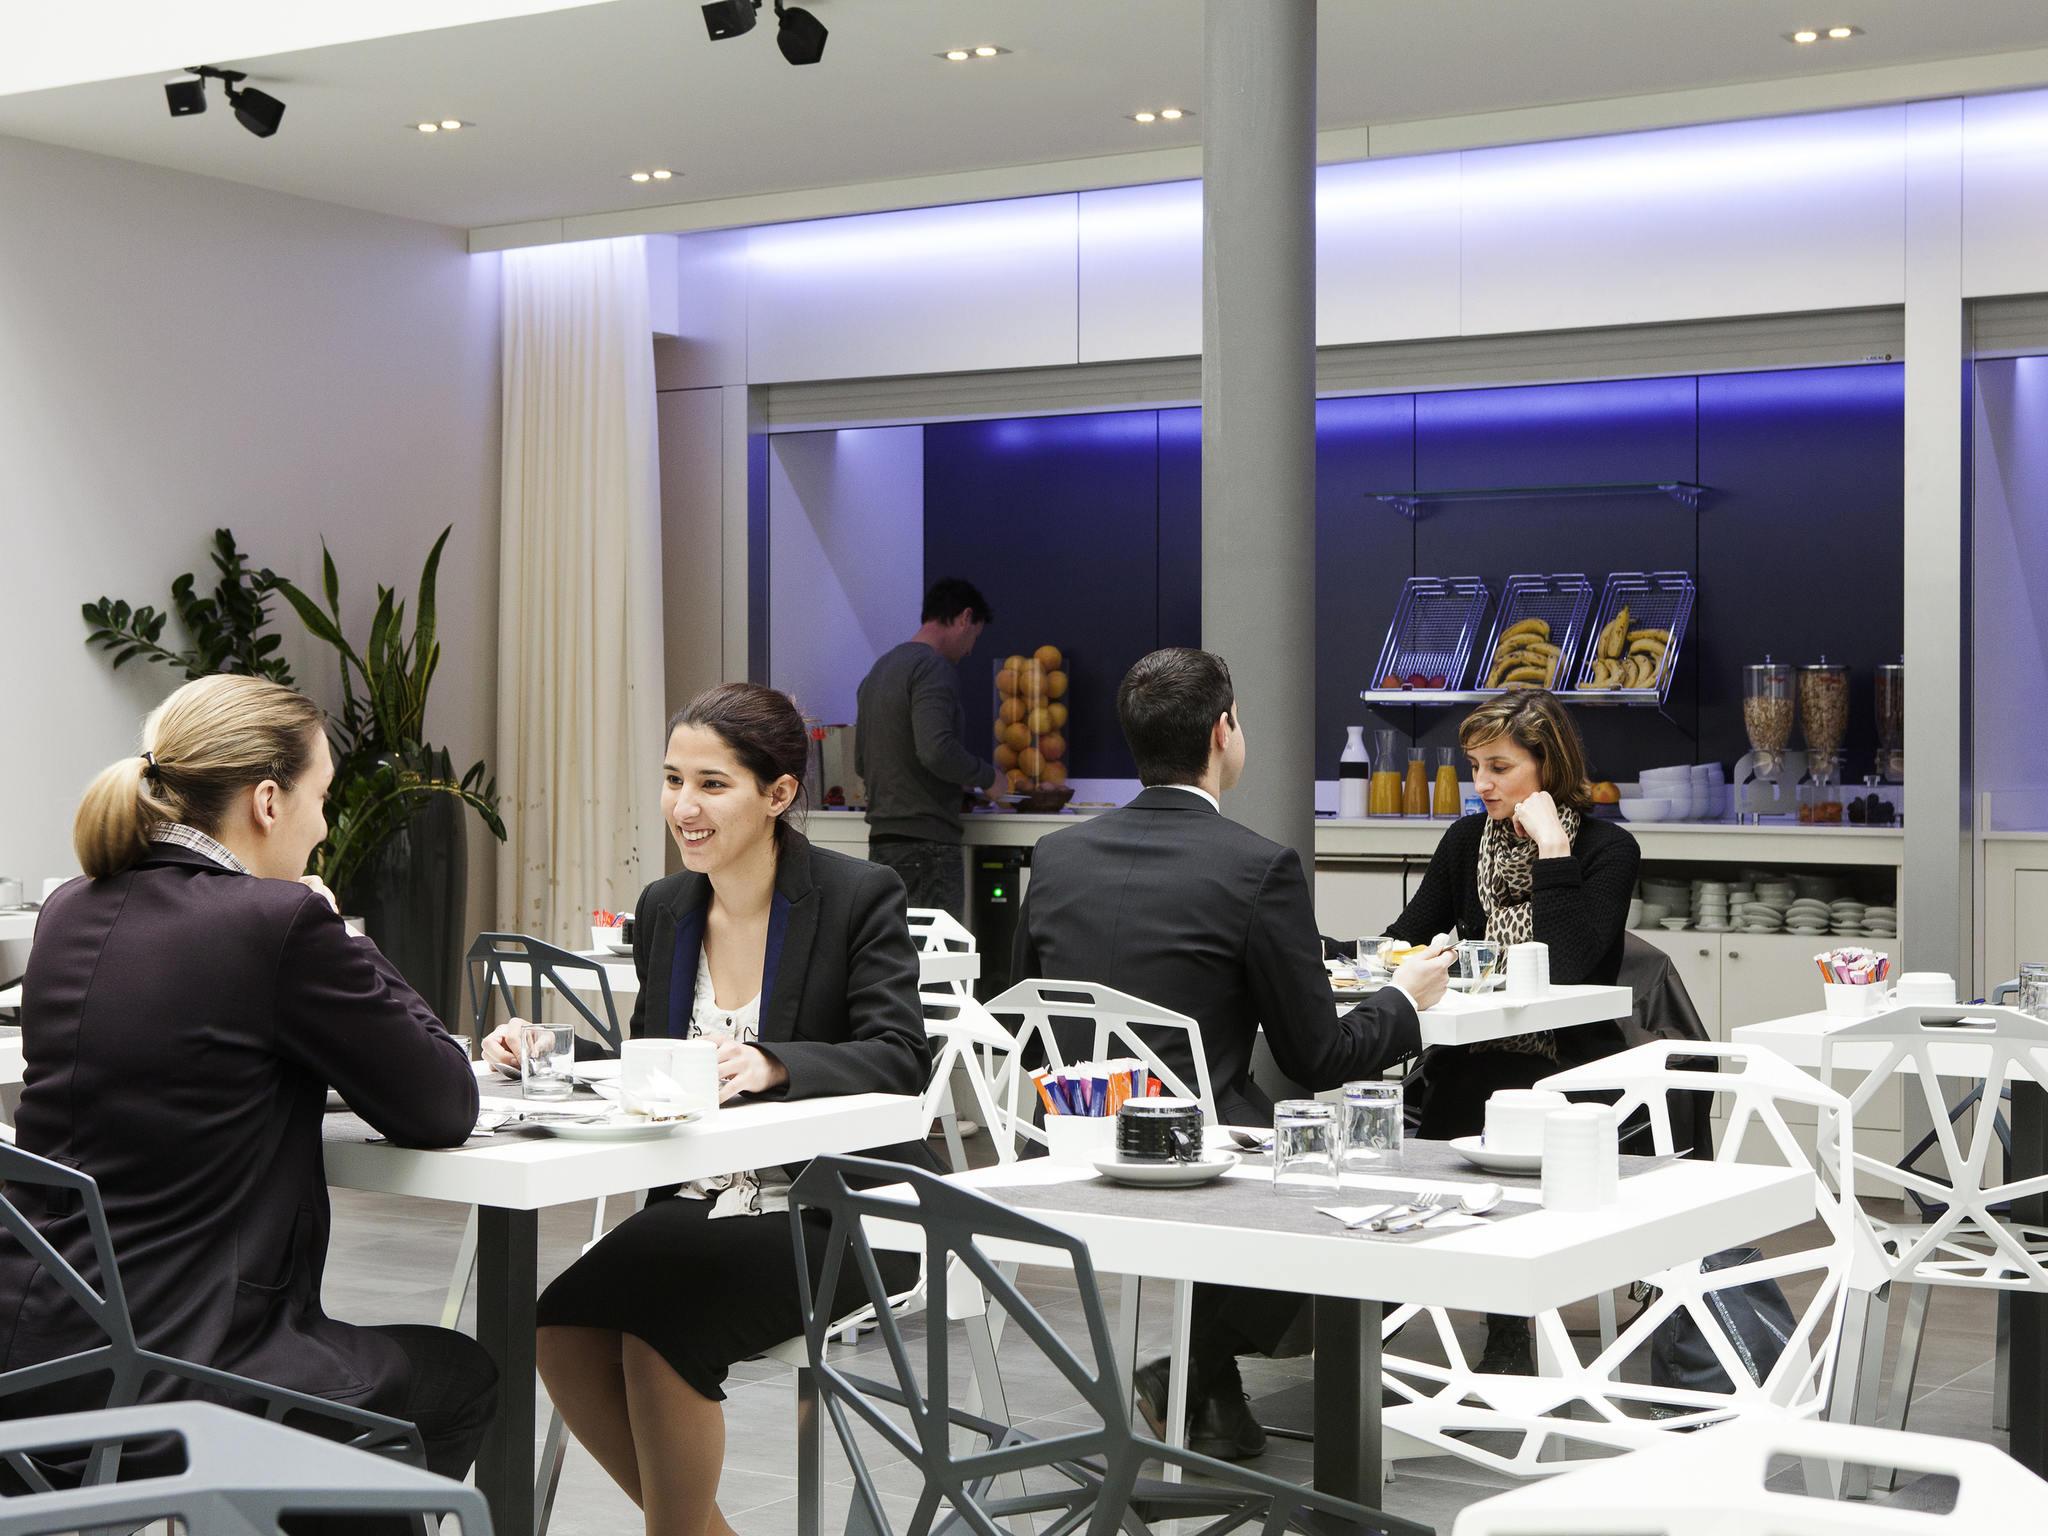 Restaurant jardin des plantes toulouse photo de carnot for Restaurant au jardin paris